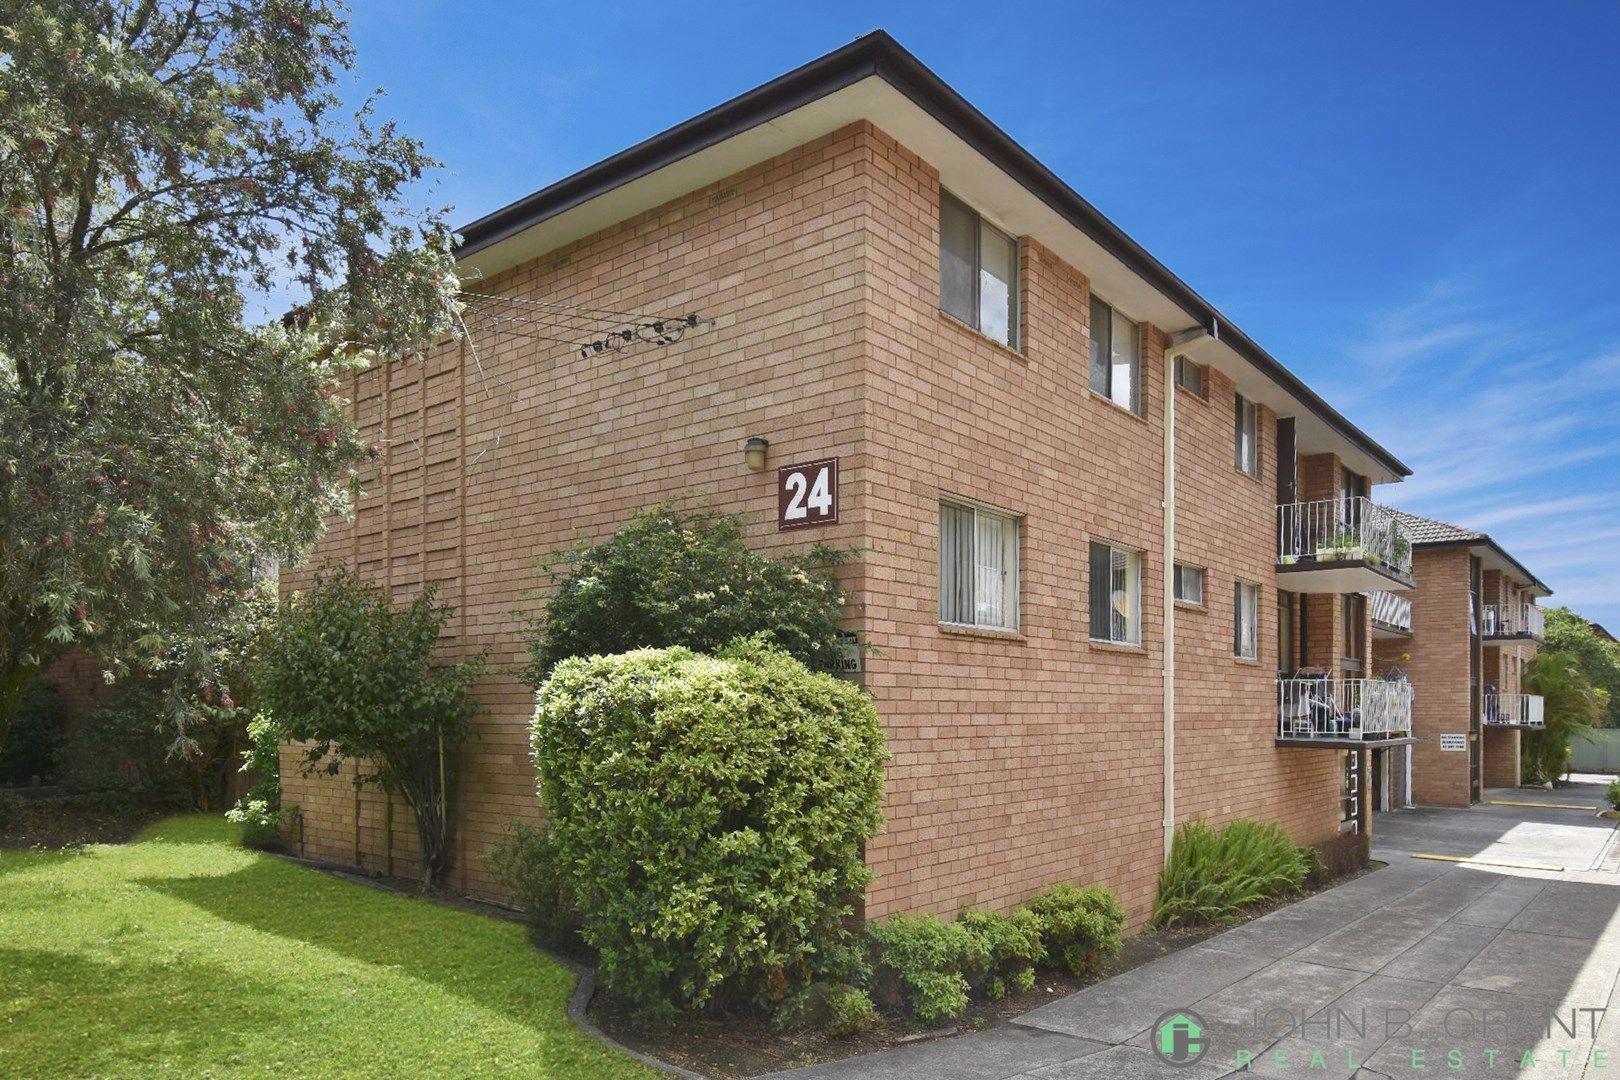 3/24 Horsney Road, Homebush West NSW 2140, Image 0